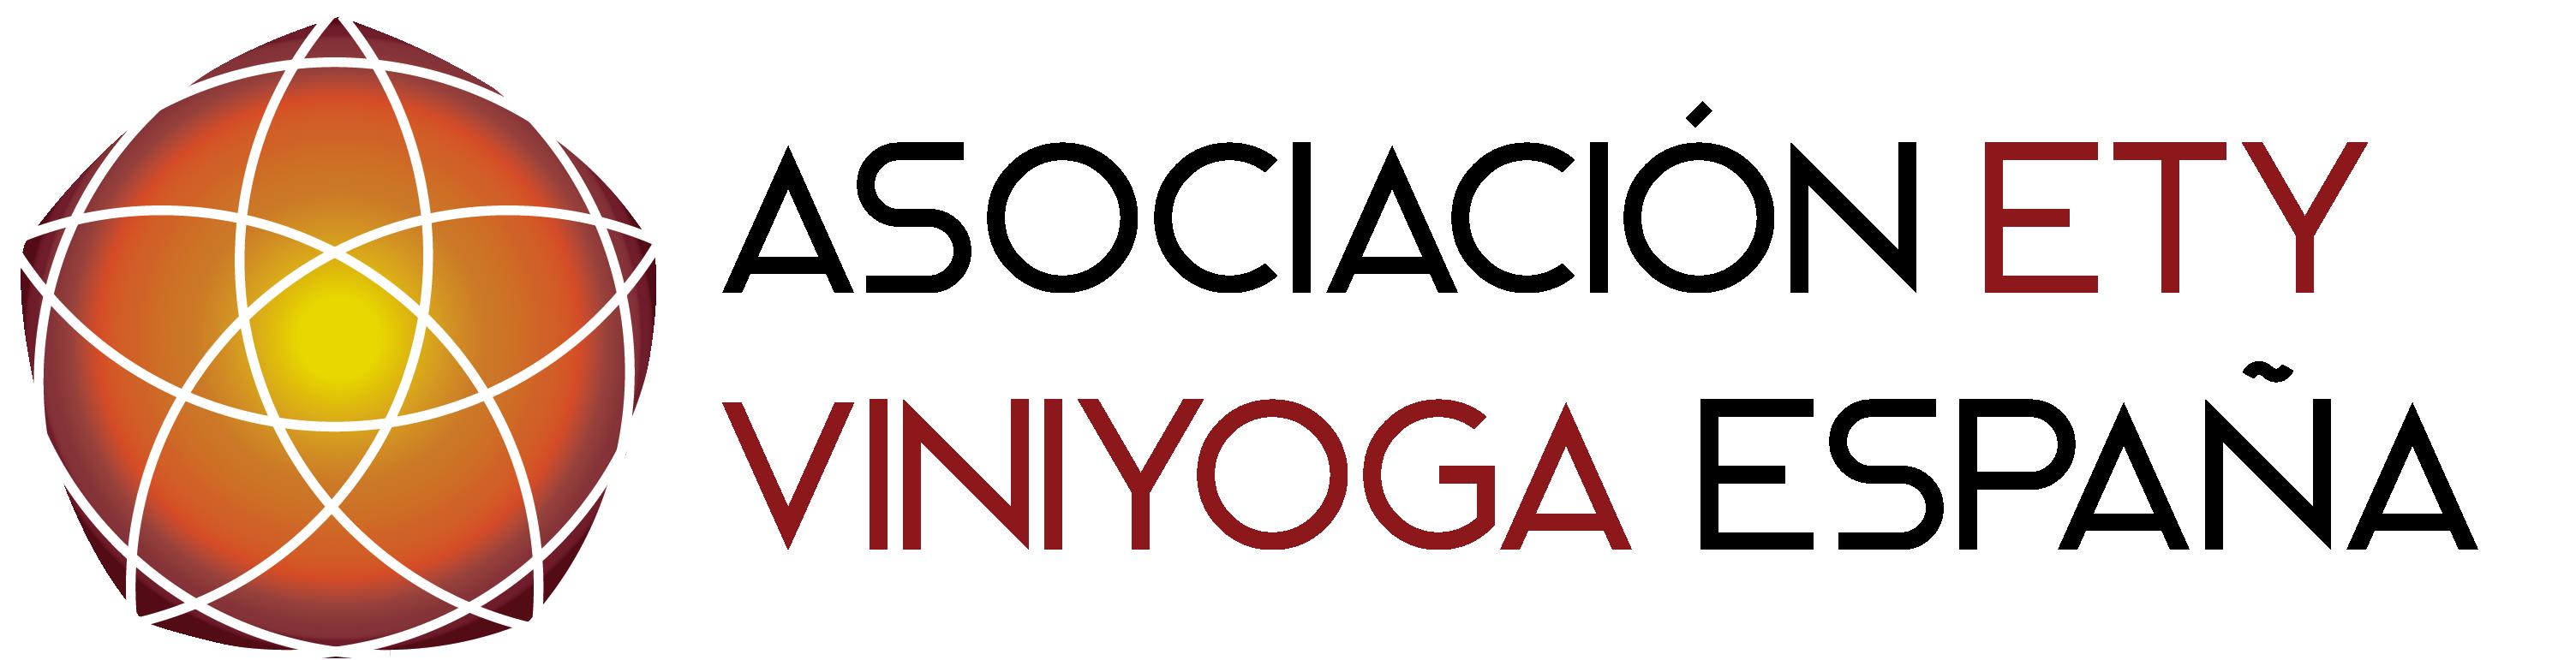 Asociación ETY Viniyoga España